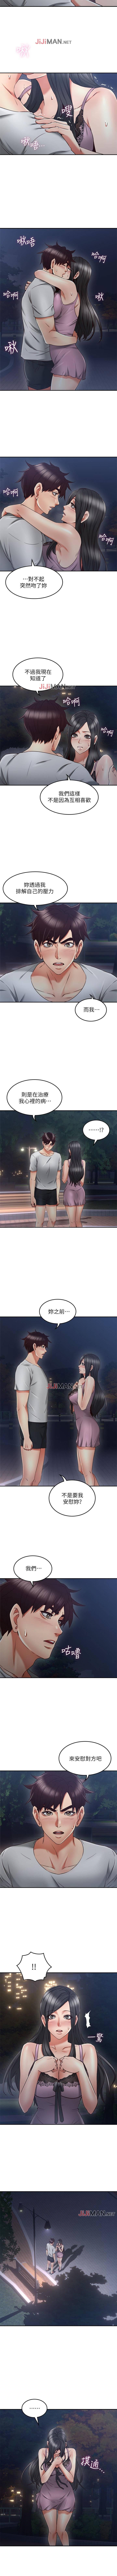 【周六更新】邻居人妻(作者:李周元 & 頸枕) 第1~50话 213